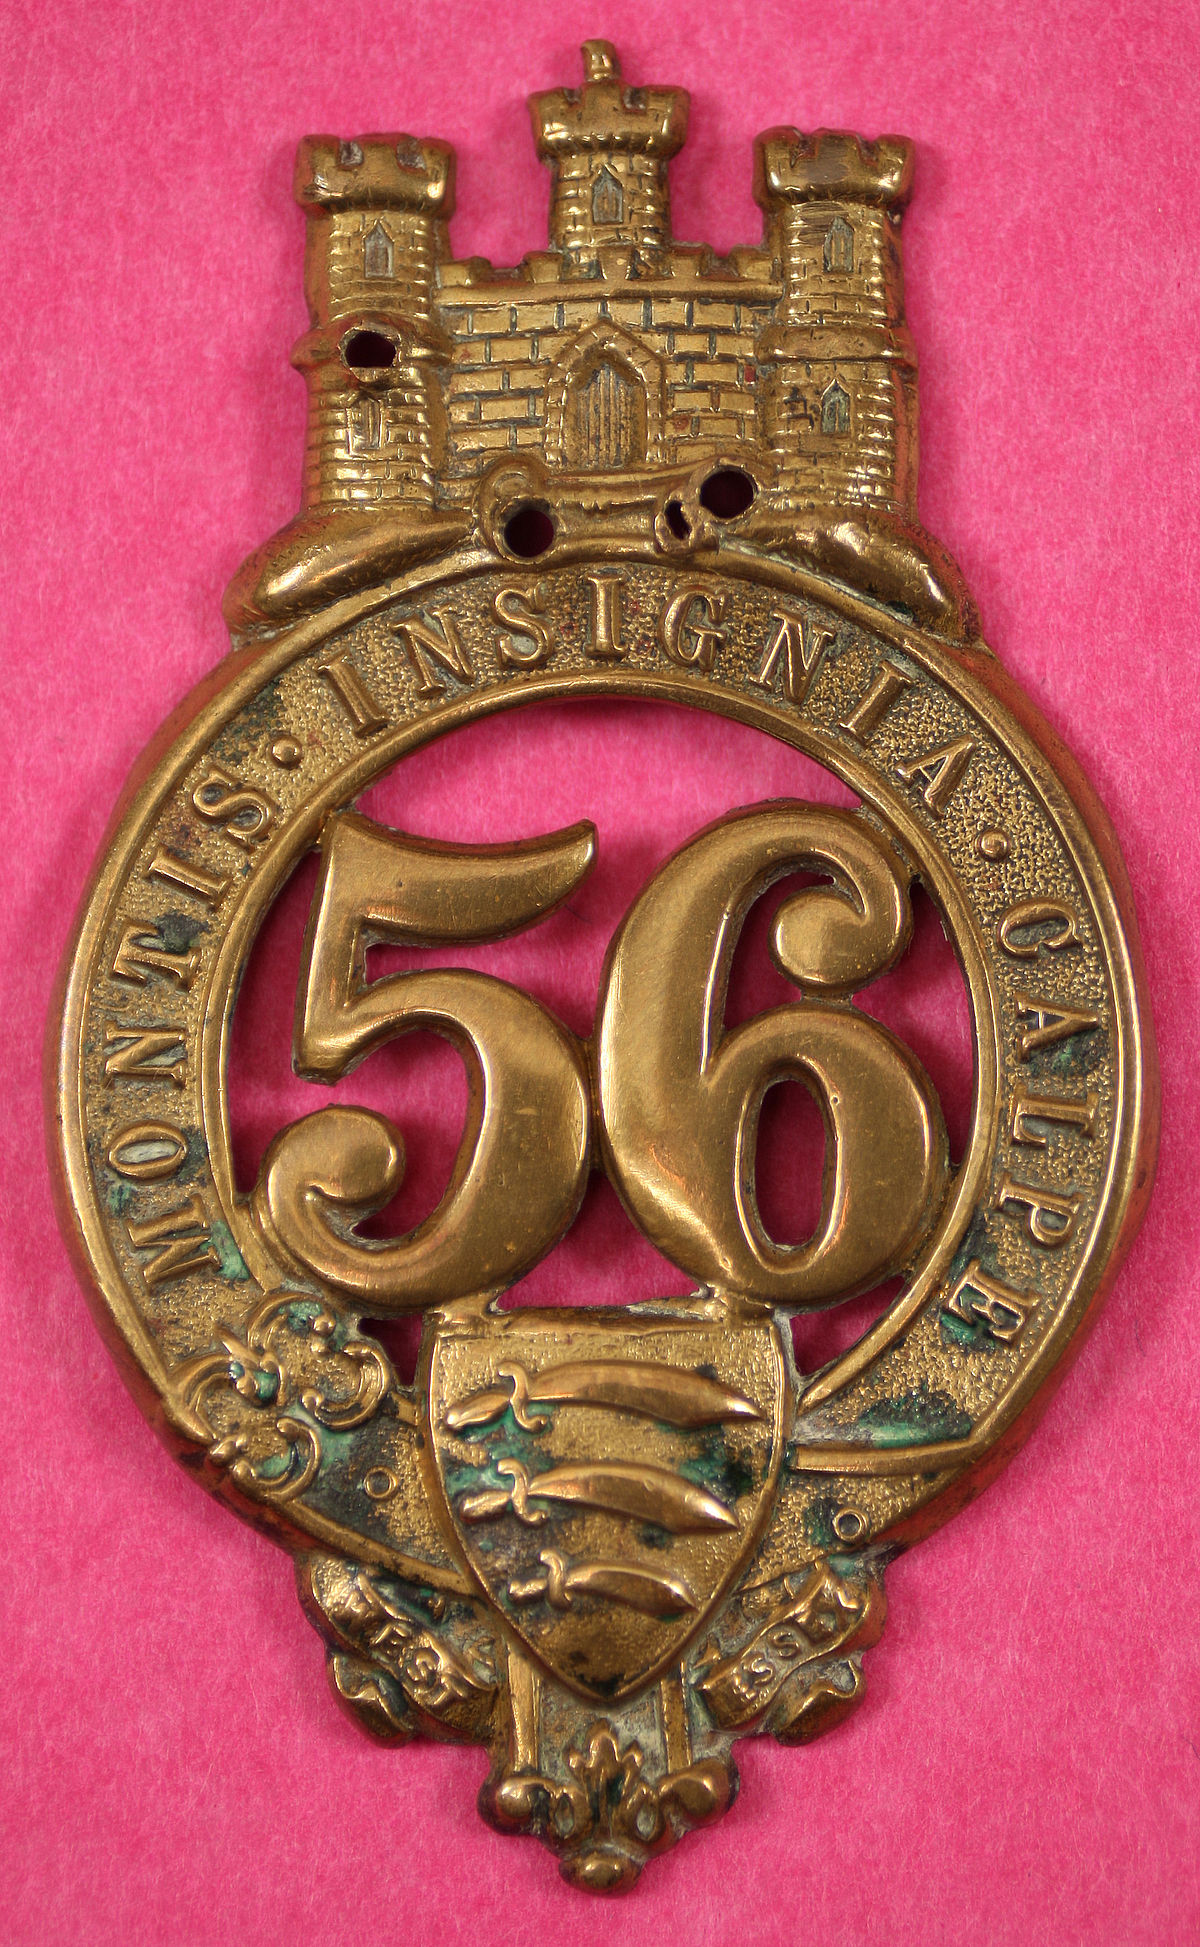 56th West Essex Regiment Of Foot Wikipedia